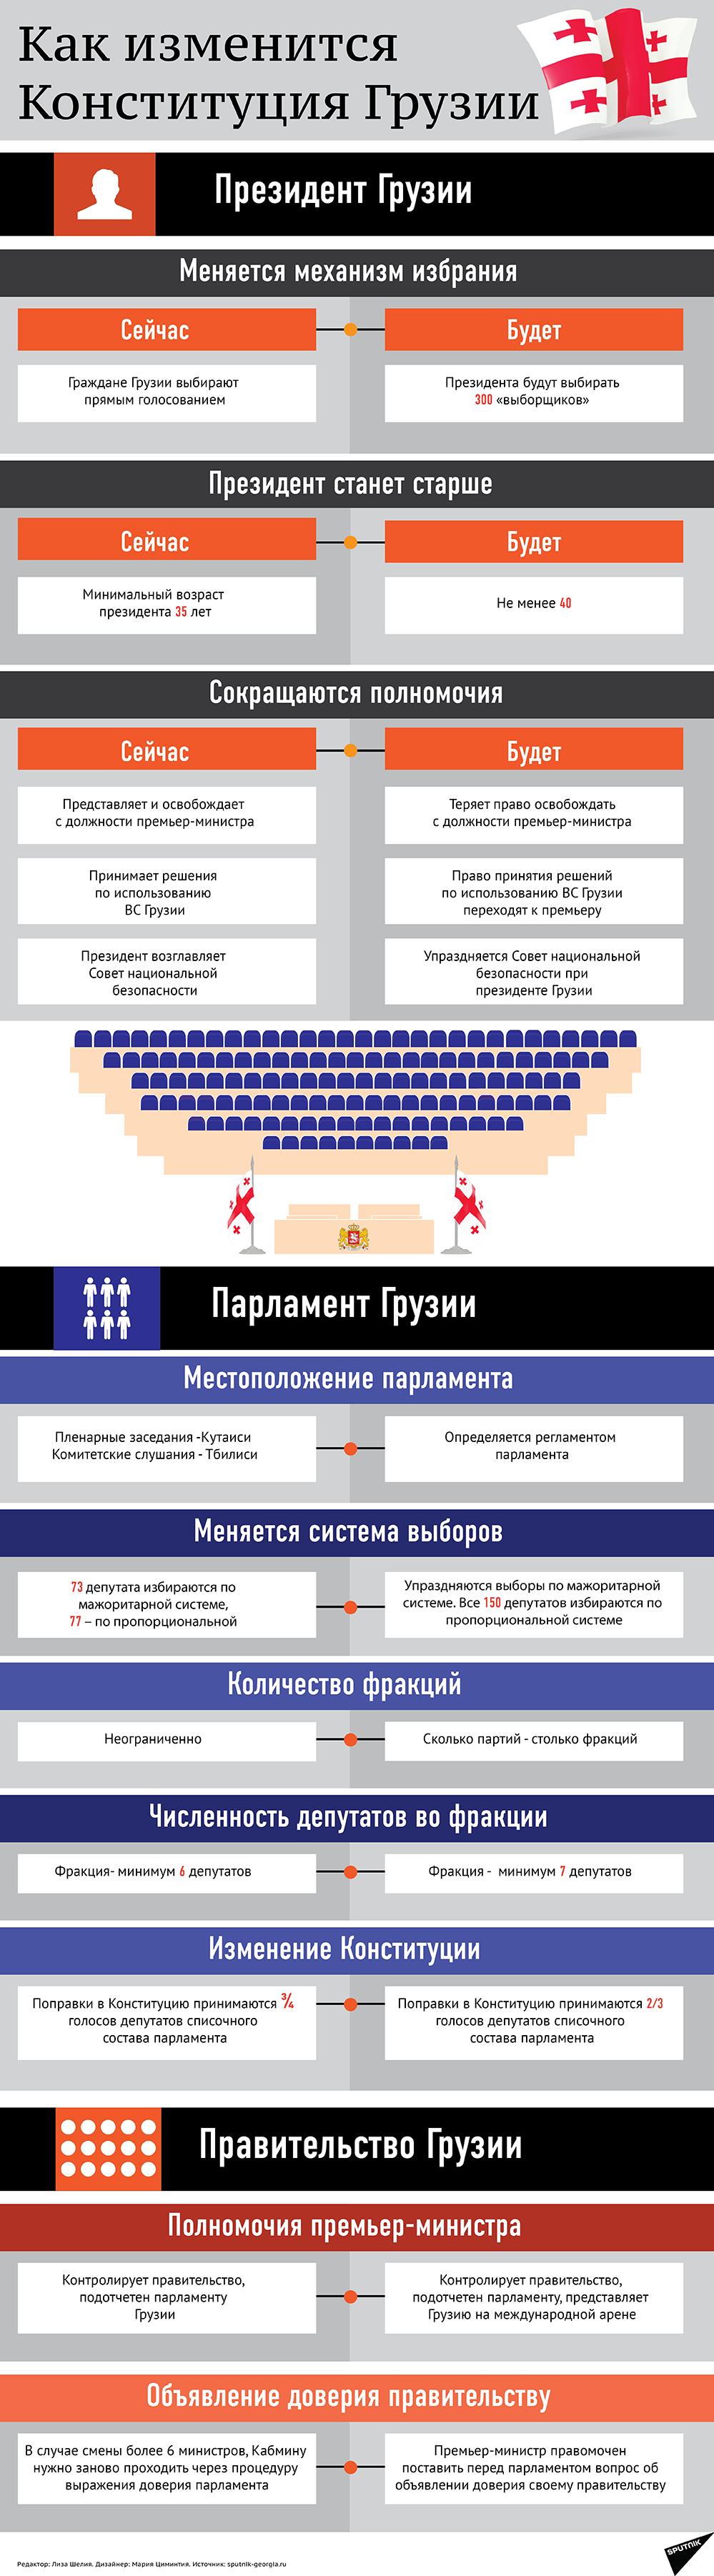 Как изменится Конституция Грузии